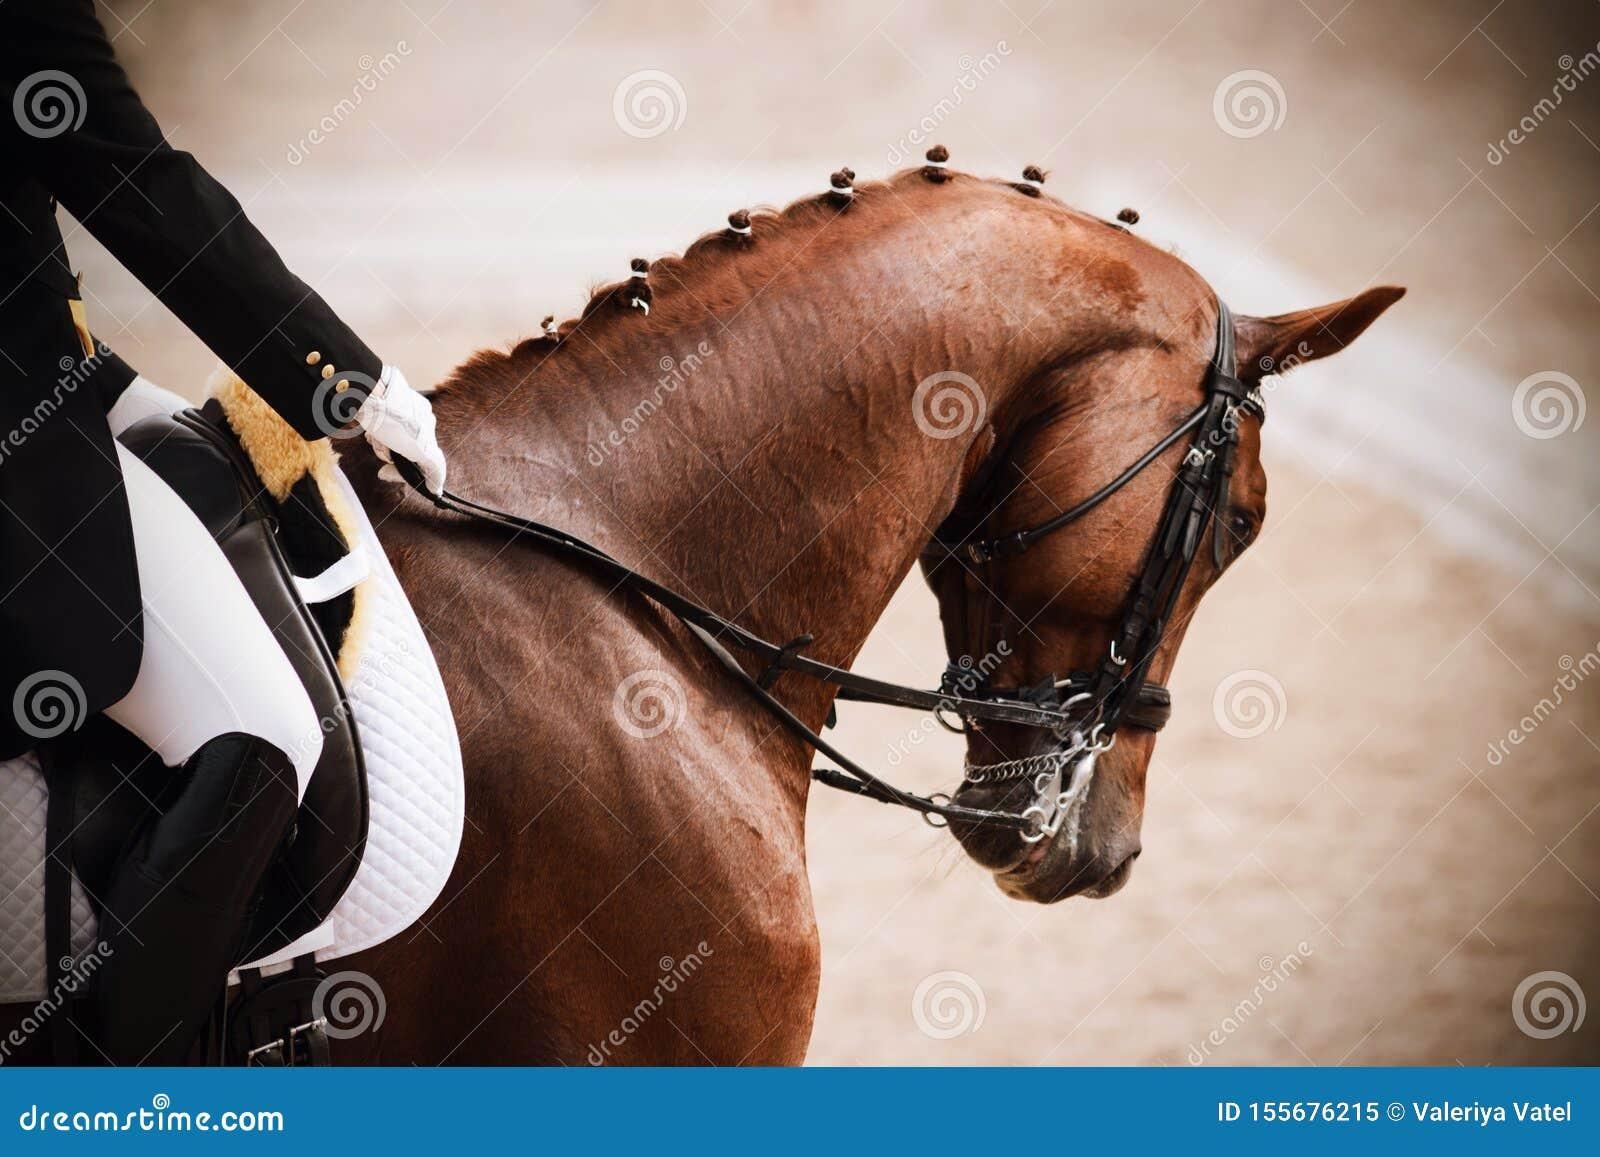 Koń z jeźdzem w comberze uczestniczy w dressage rywalizacjach